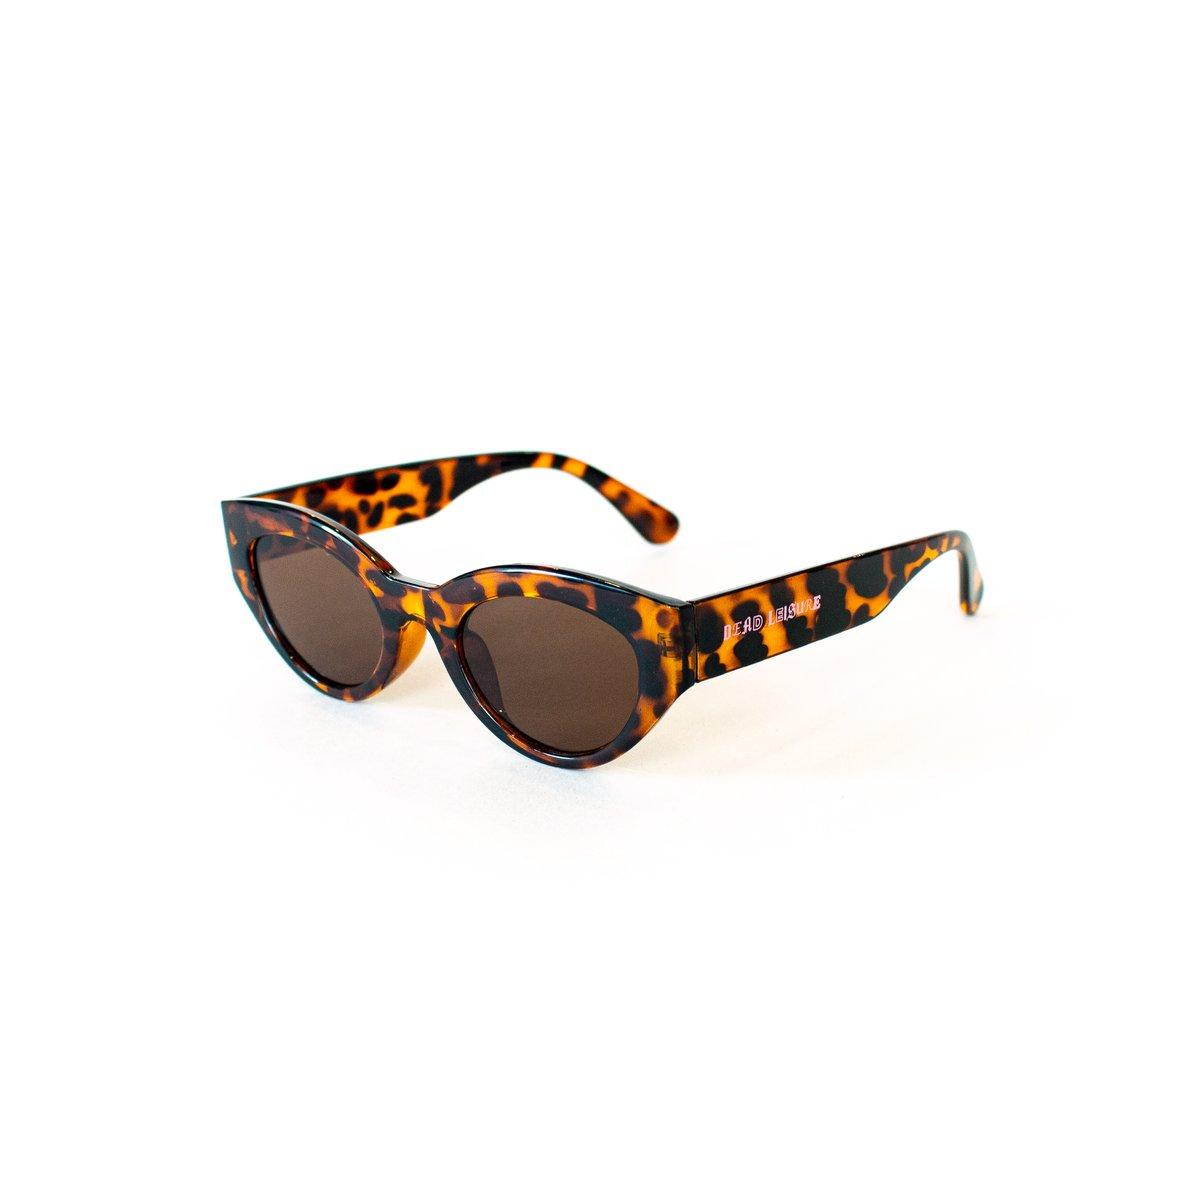 Blinkers Sunglasses - Tortoiseshell